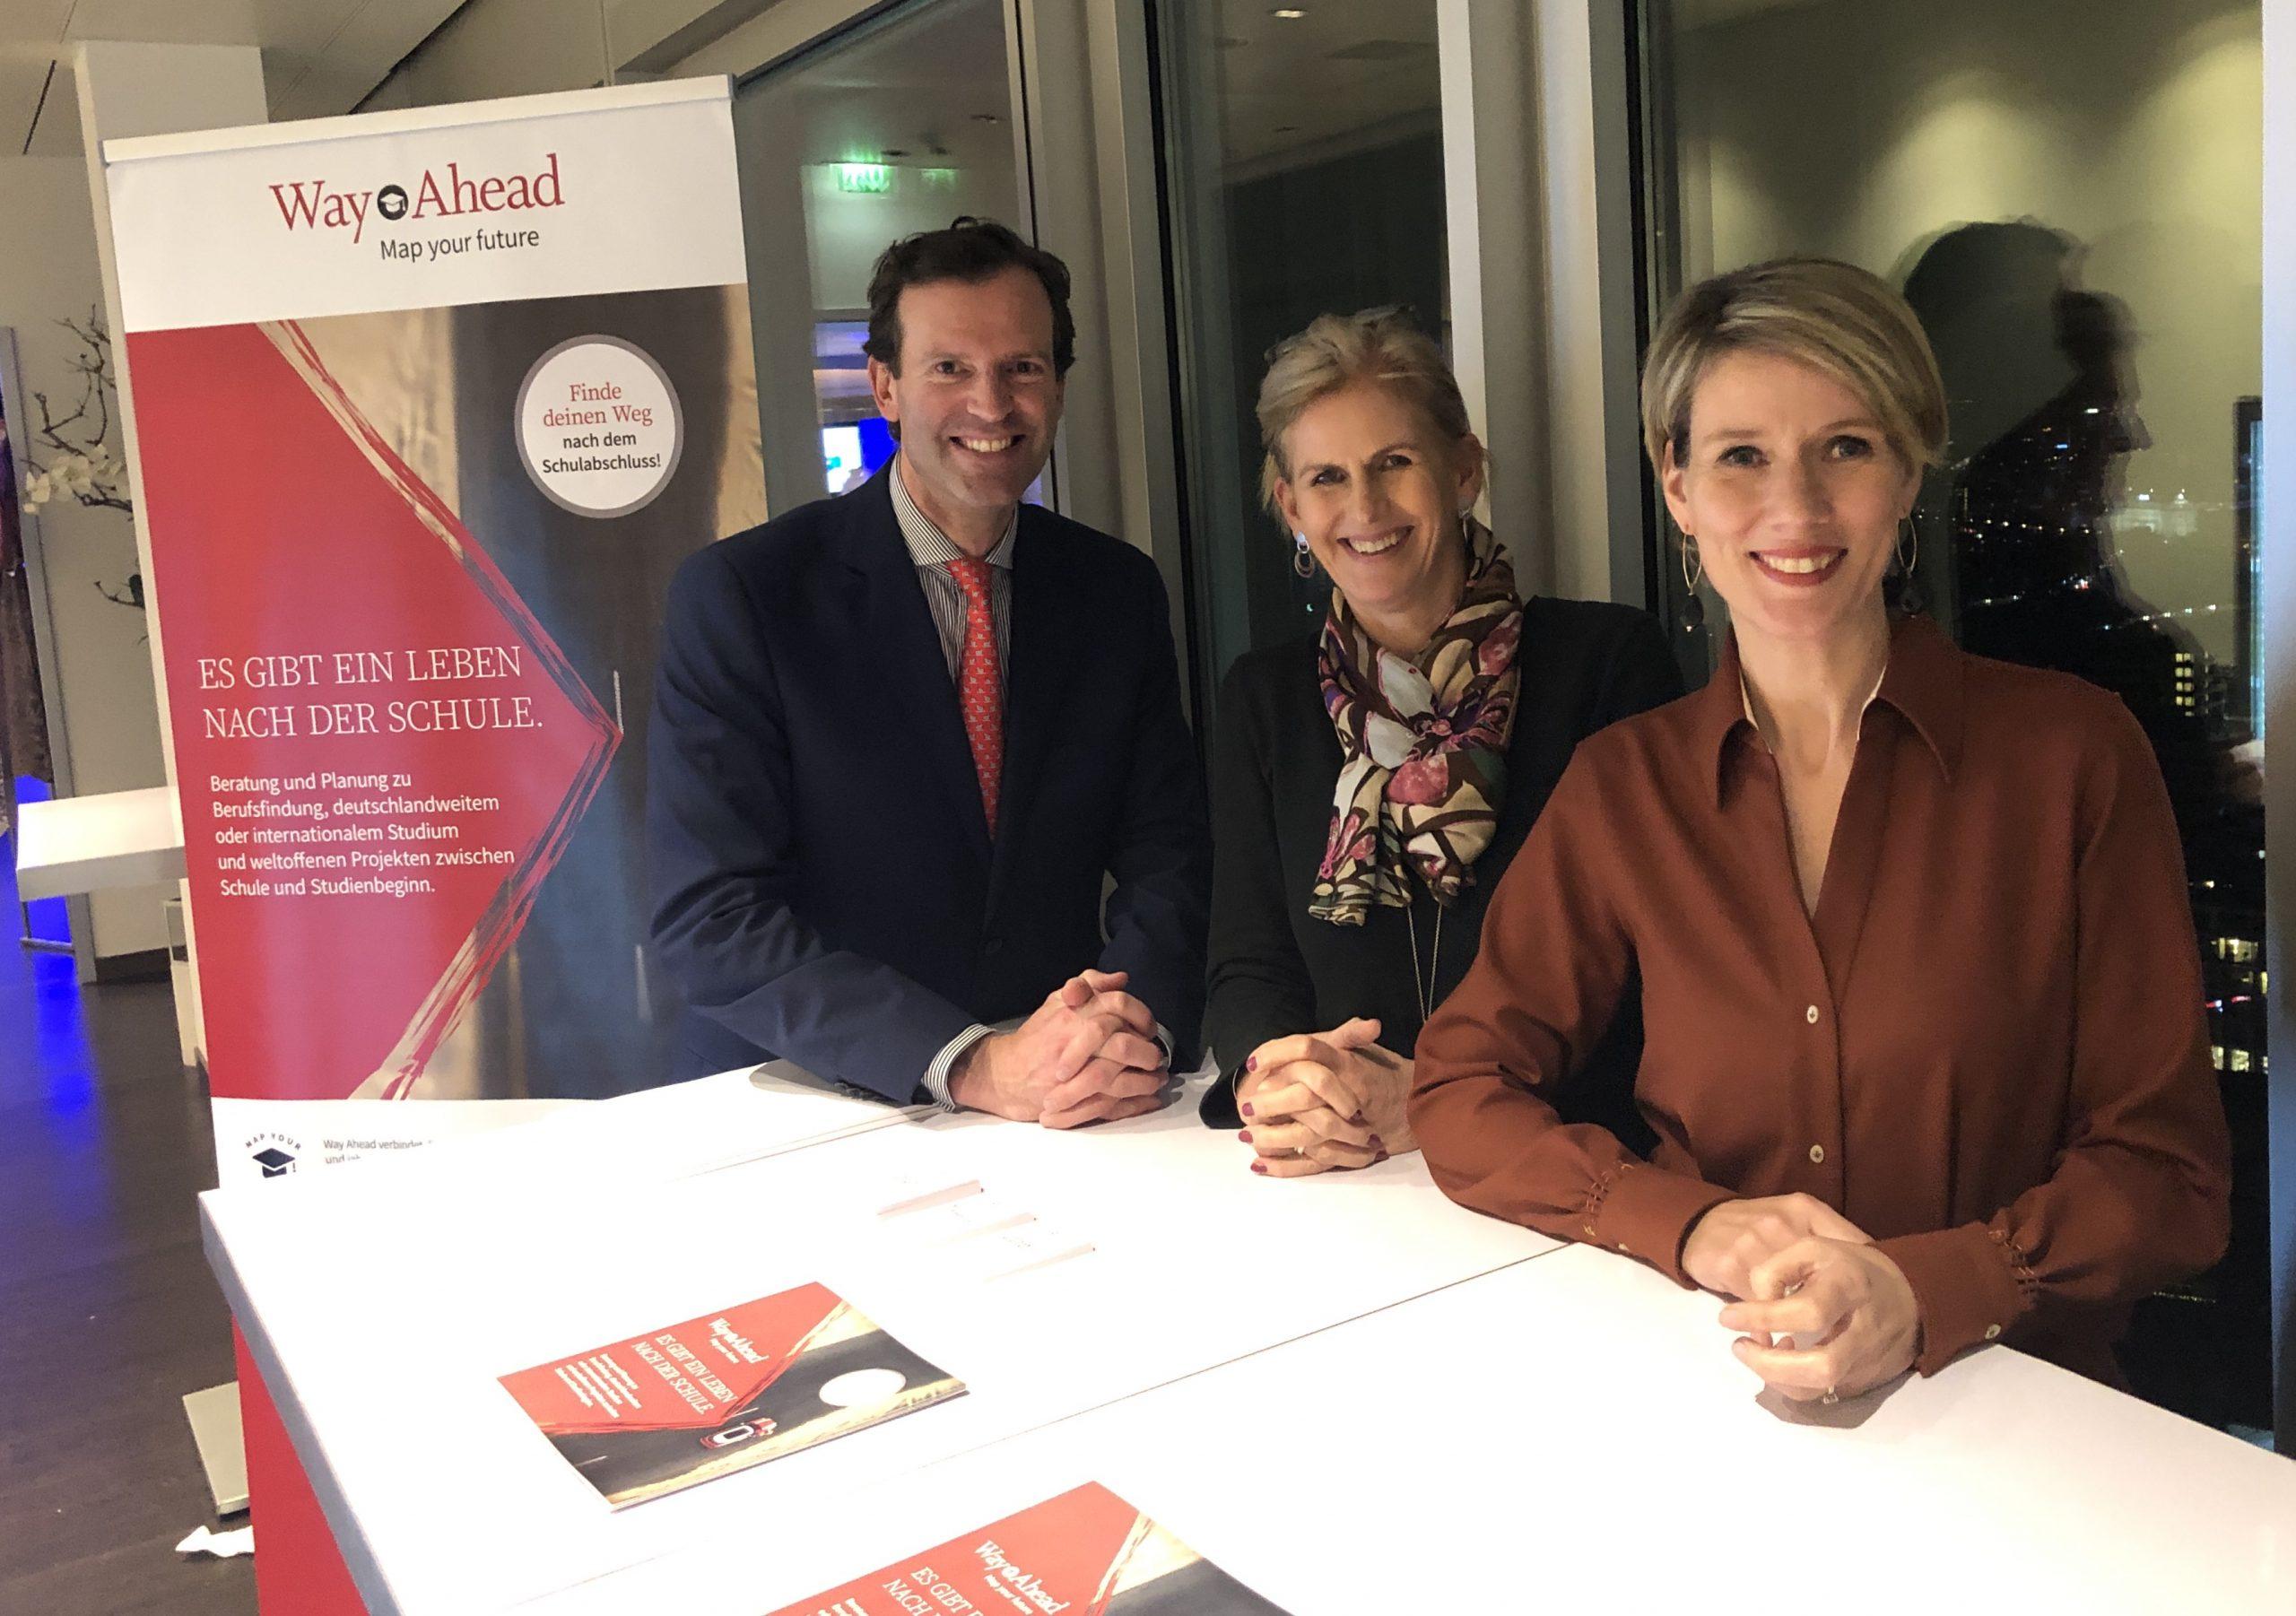 The Way Ahead Team at Donner & Reuschel Bank – Perspektiven 2020, Hamburg & Munich